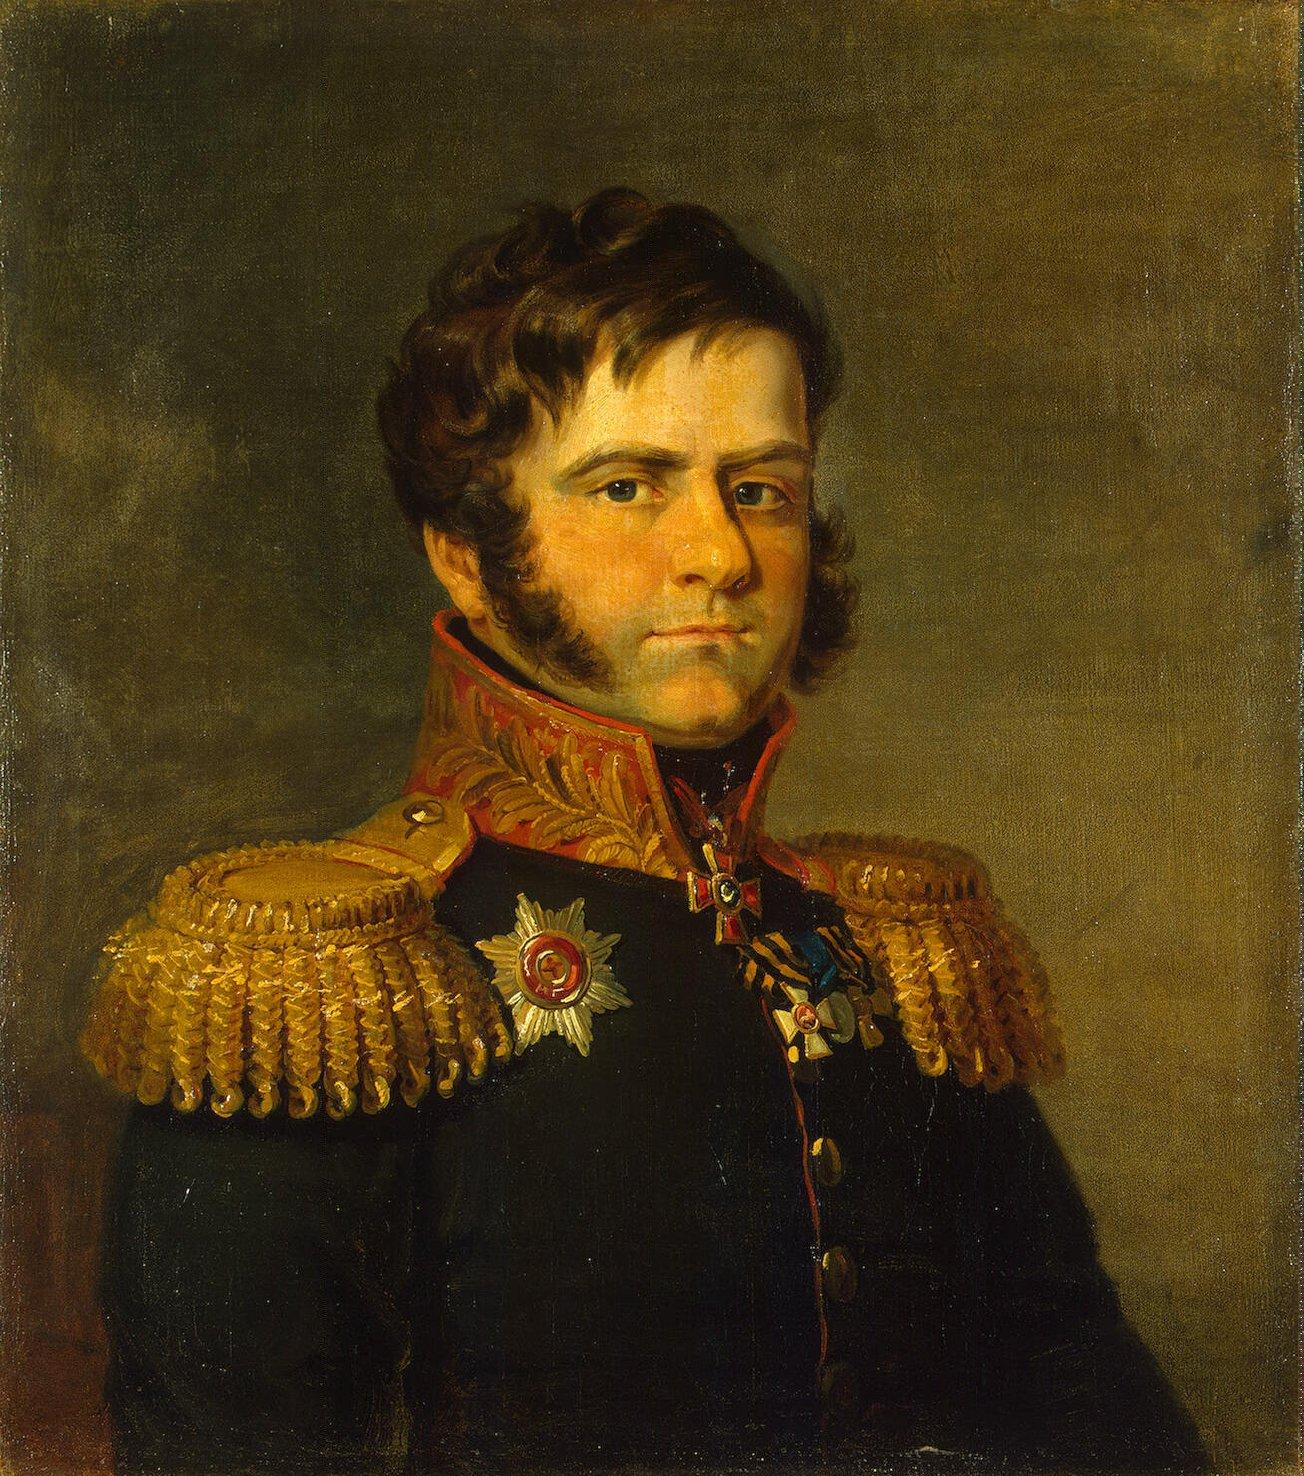 Неверовский, Дмитрий Петрович